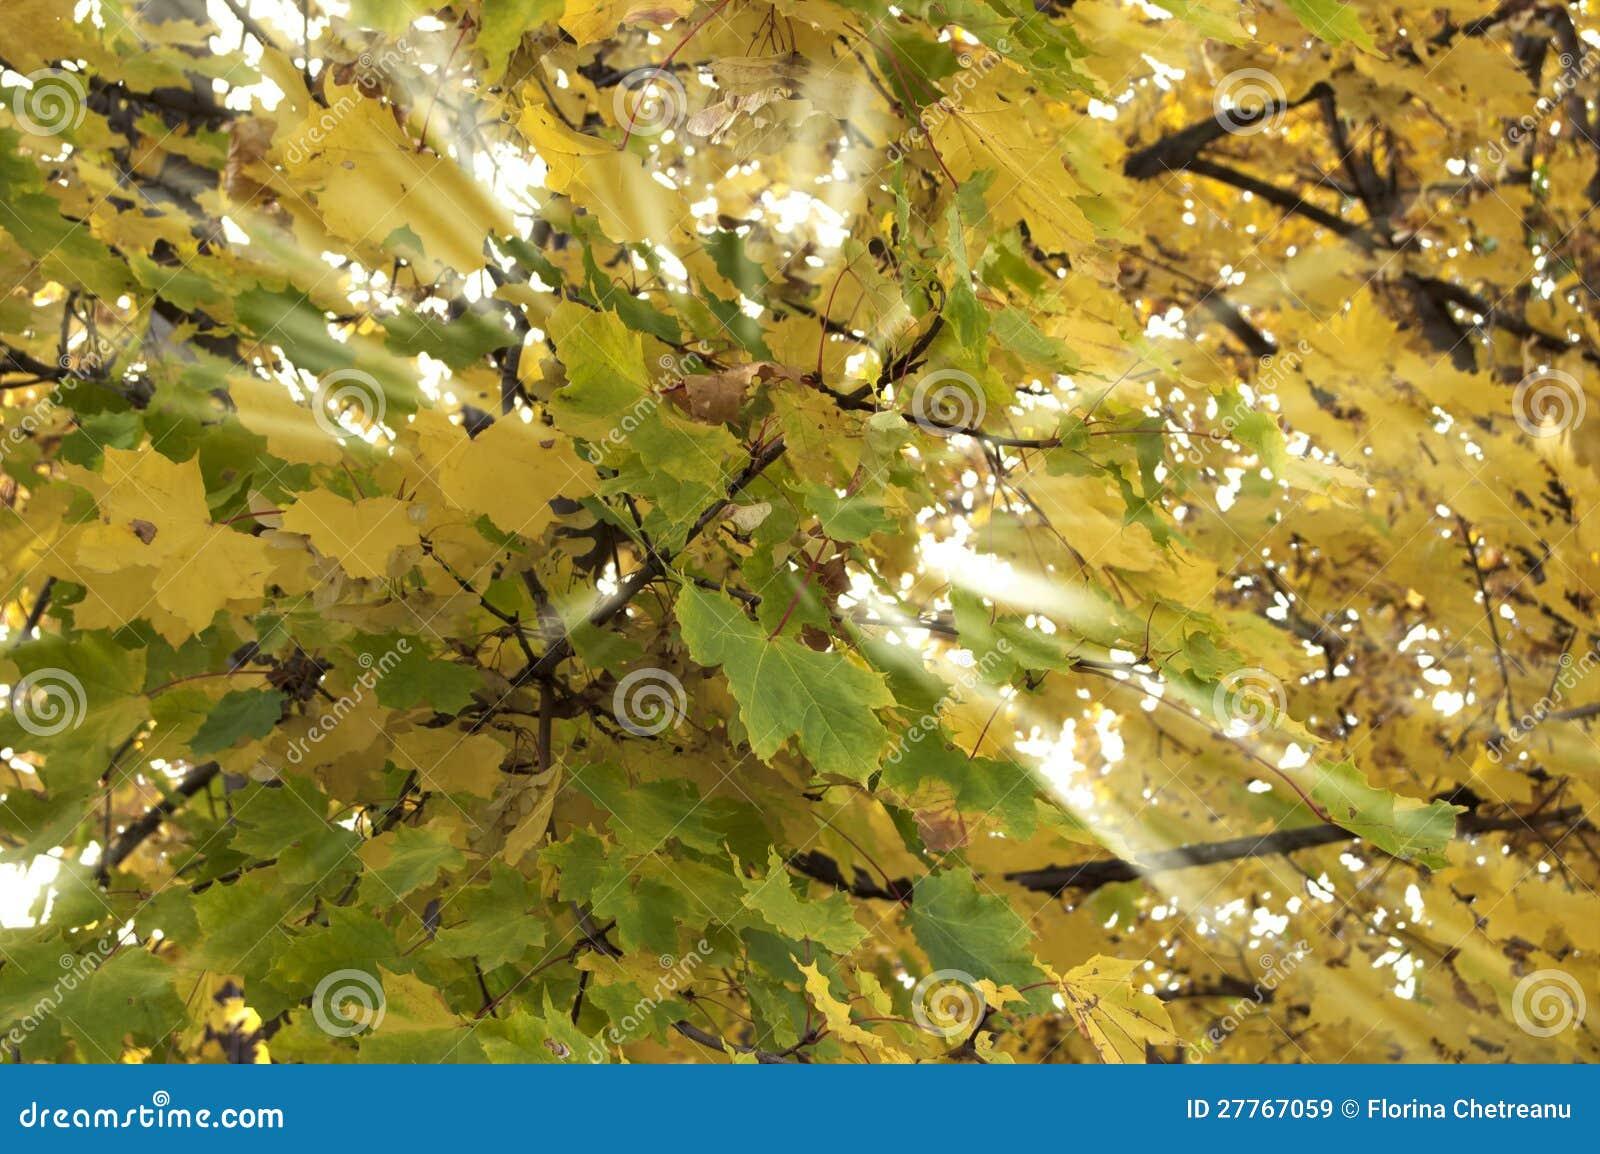 Lumière jaune et verte de lames croisée